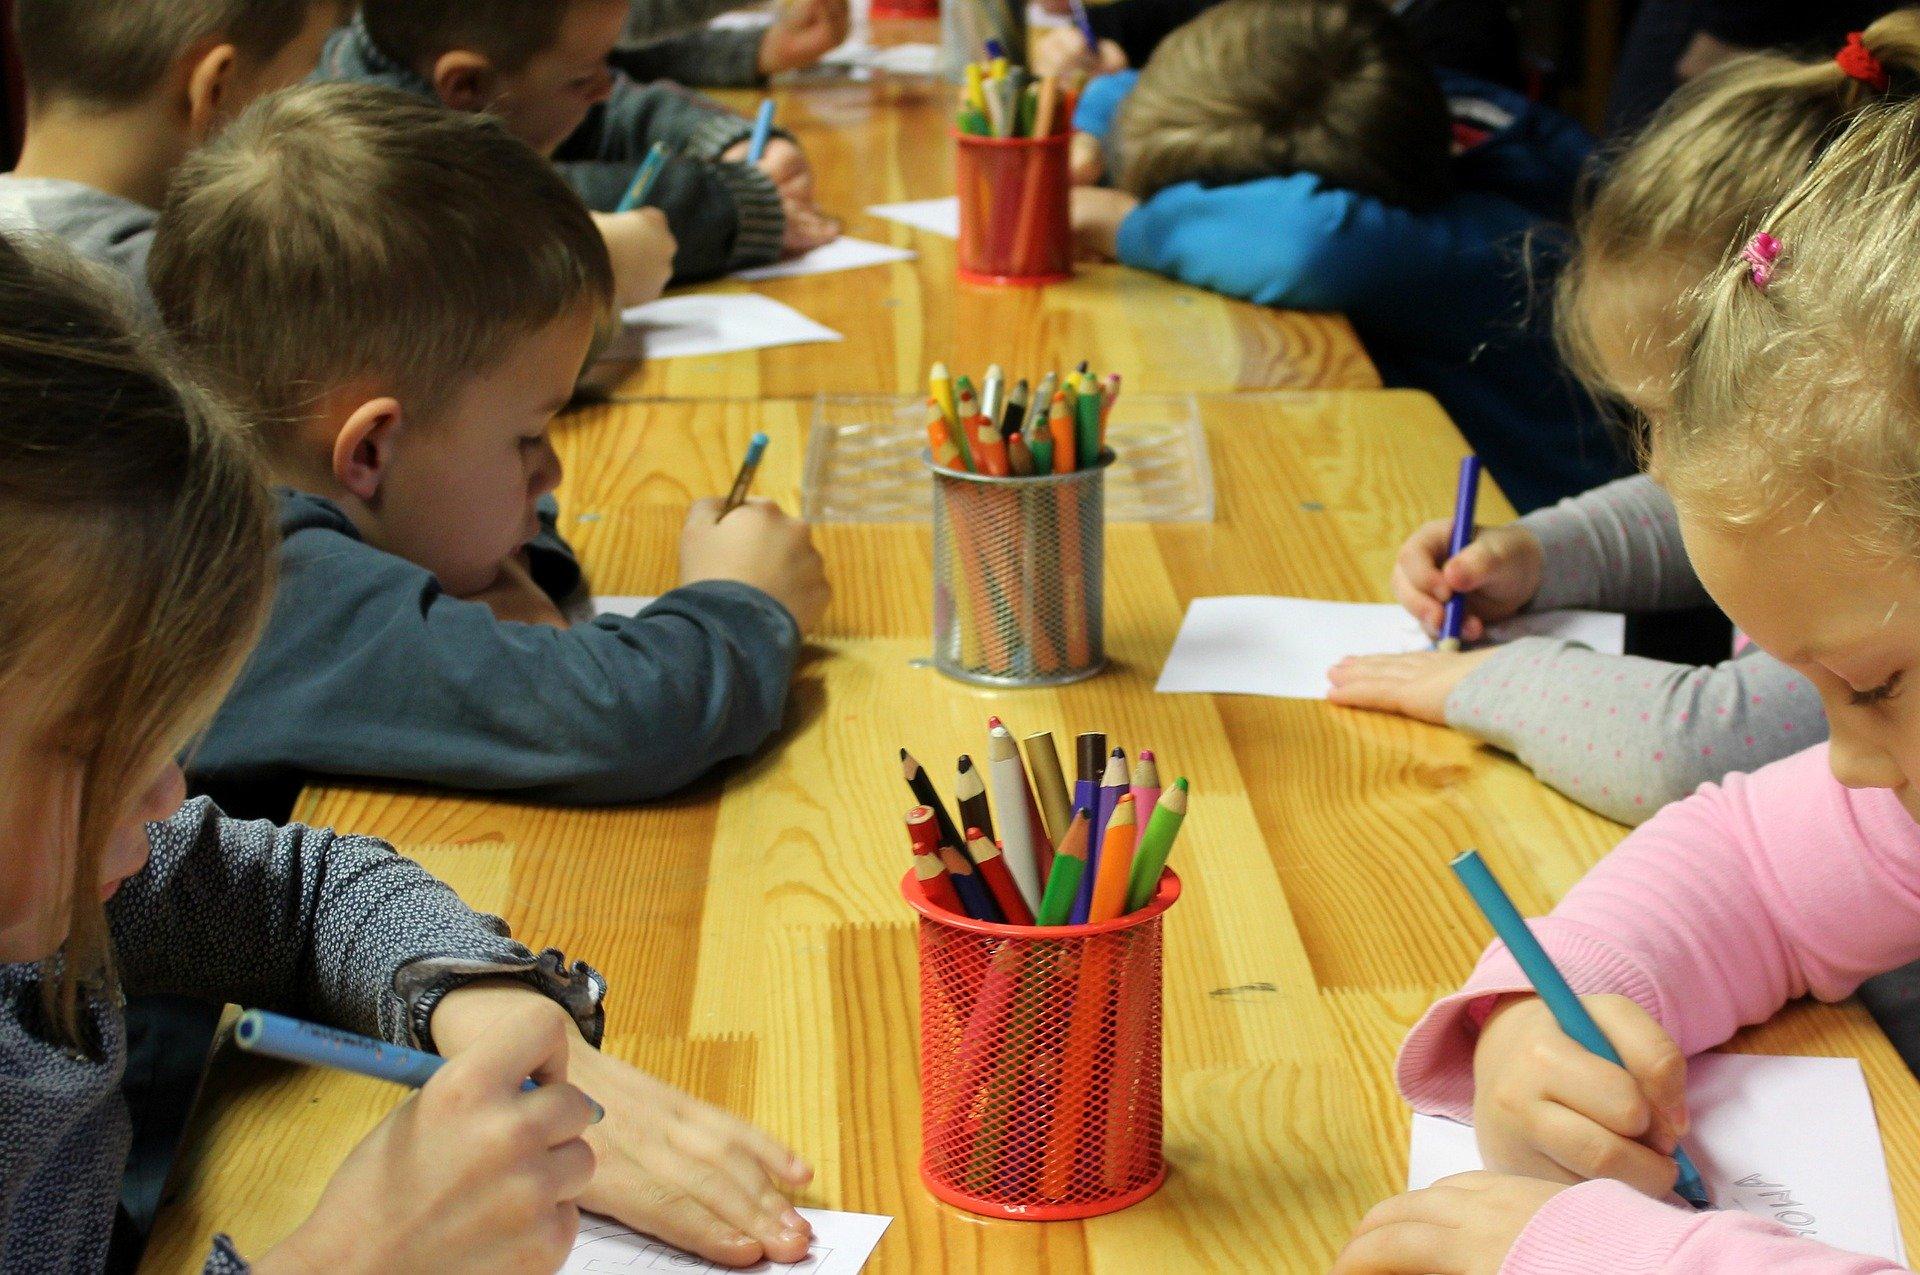 In deze Blog, die het vervolg is van de vorige Blog over het bevorderen van samenspelen en samenwerken, ga ik het hebben over de praktische hulpmiddelen die je als leerkracht kunt inzetten om het samenspelen en het samenwerken te bevorderen. De T-kaarten voor het positief kunnen samenwerken Om het positief samenwerken te bevorderen, kun je […]